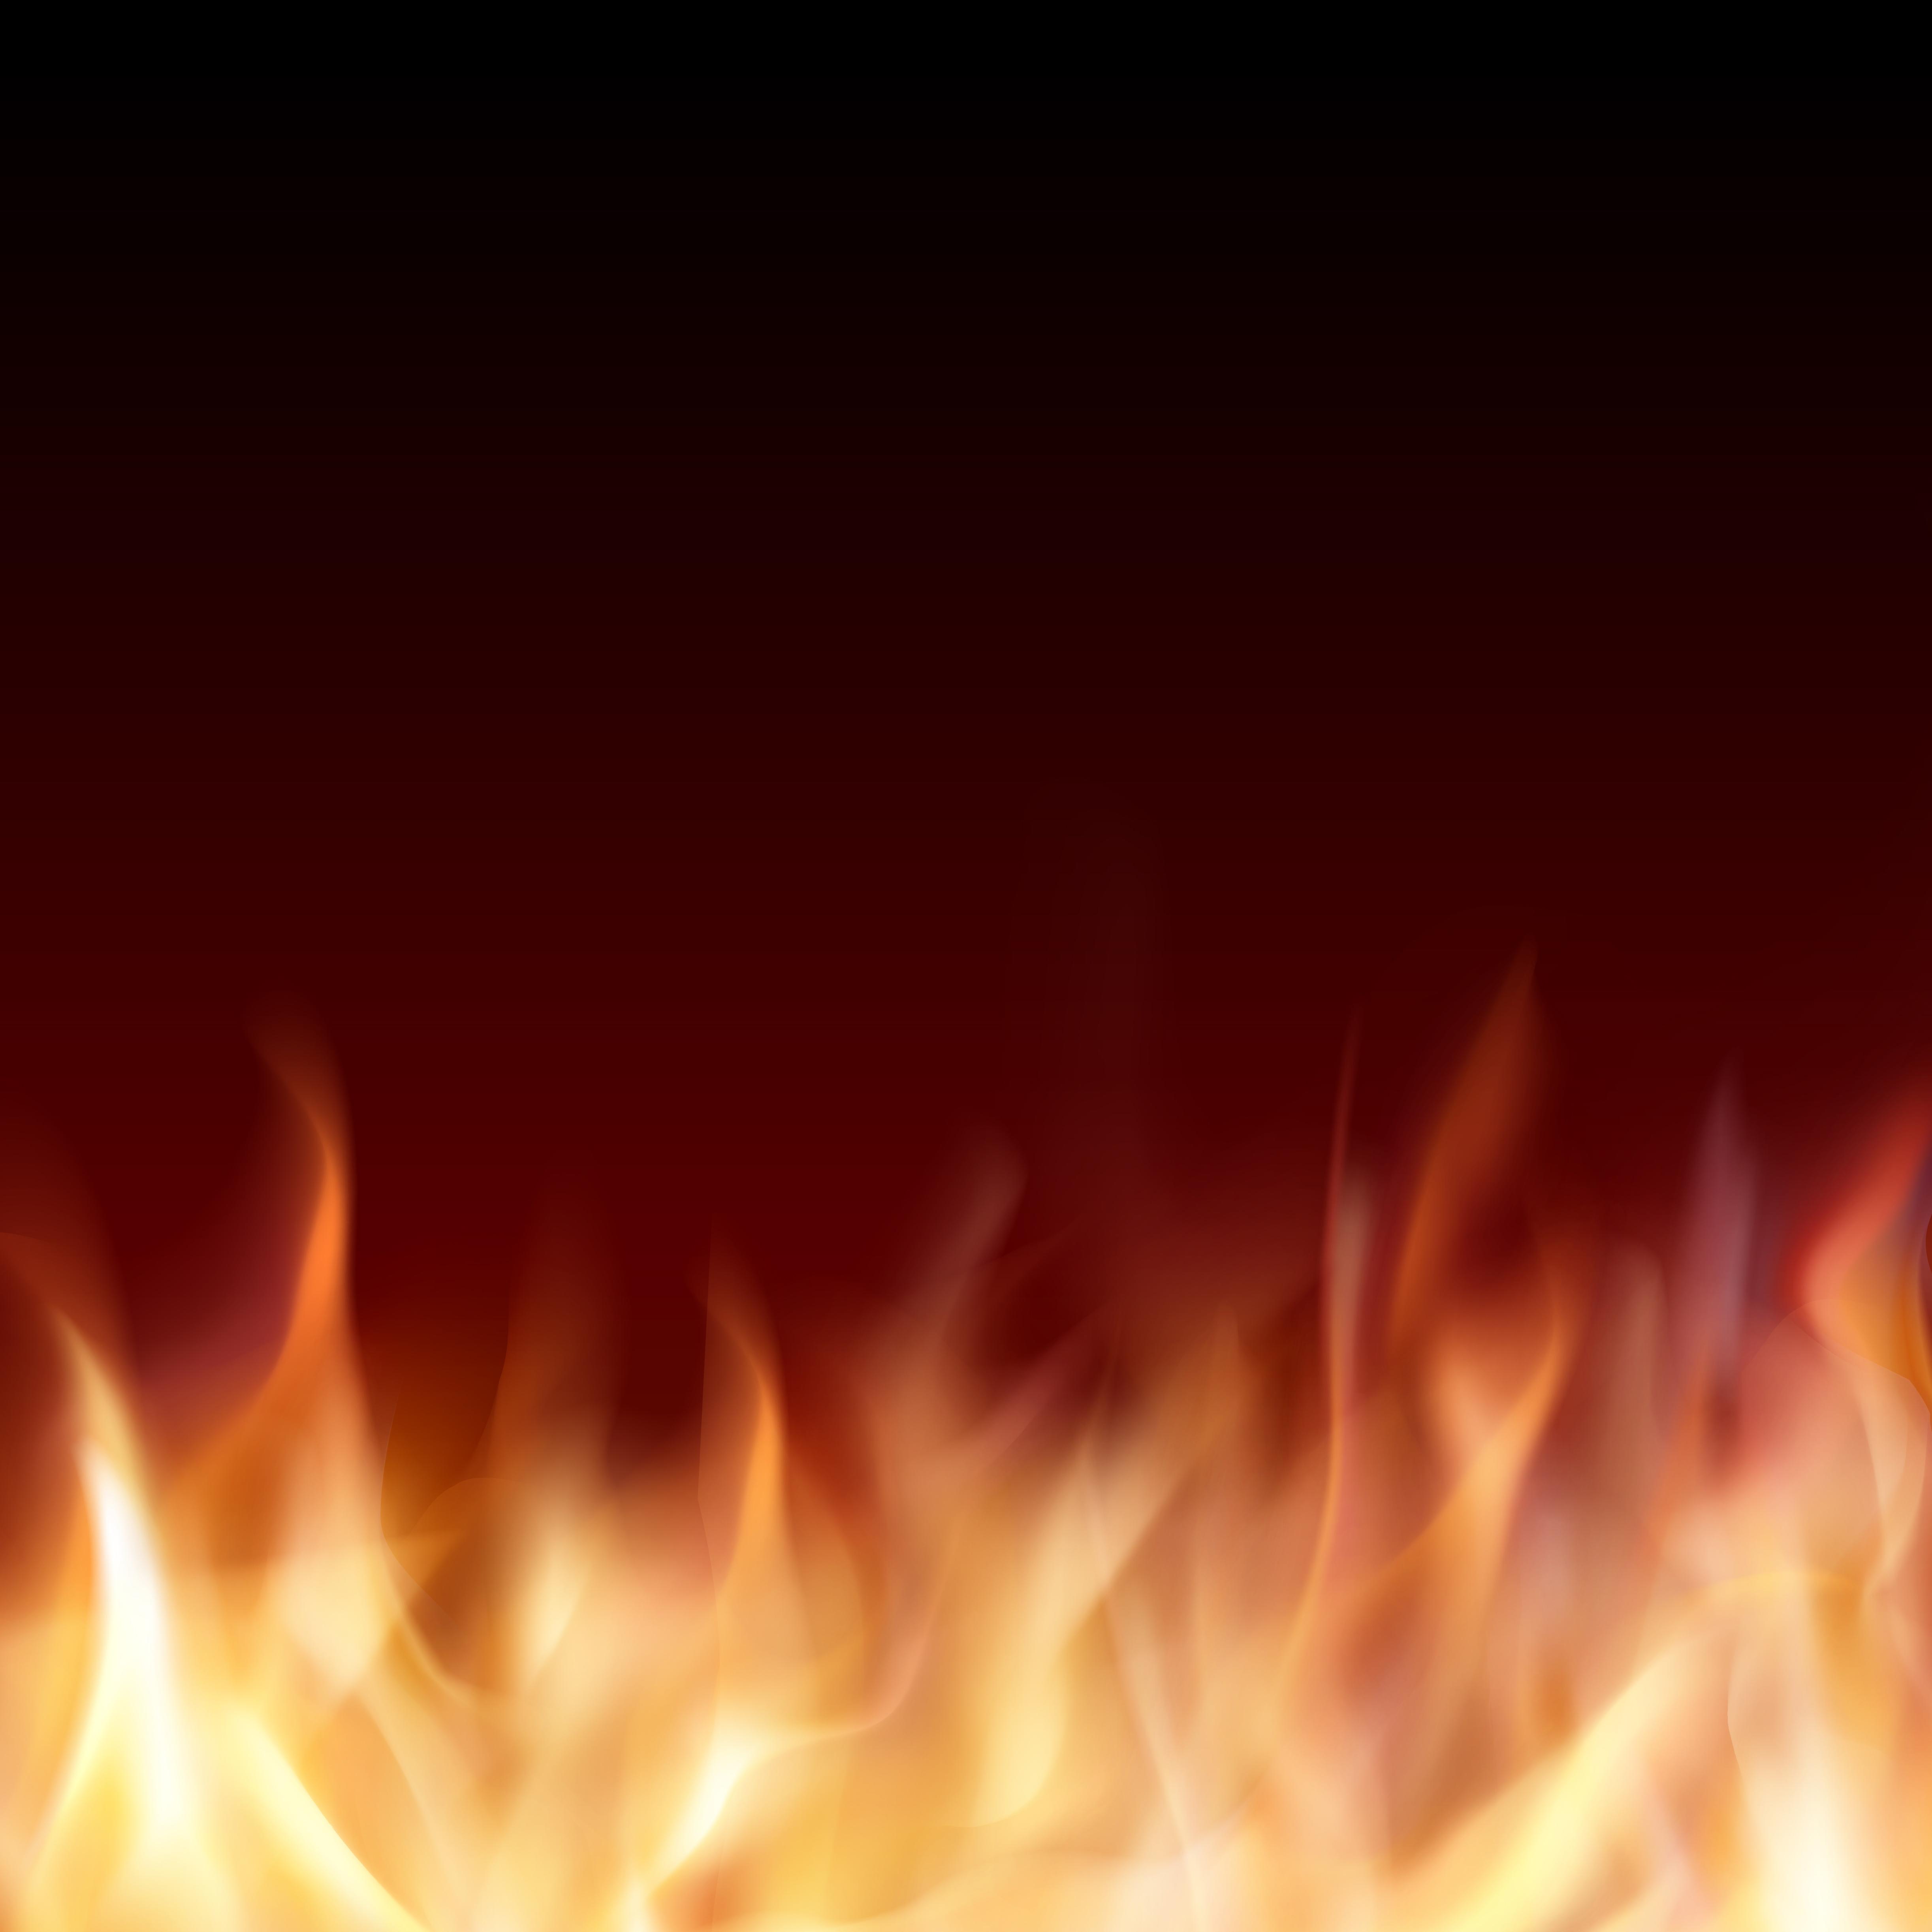 Ý tưởng nền đỏ rực lửa Ngọn Lửa Đỏ Rực Đổ Dốc Màu tải về miễn phí ảnh nền